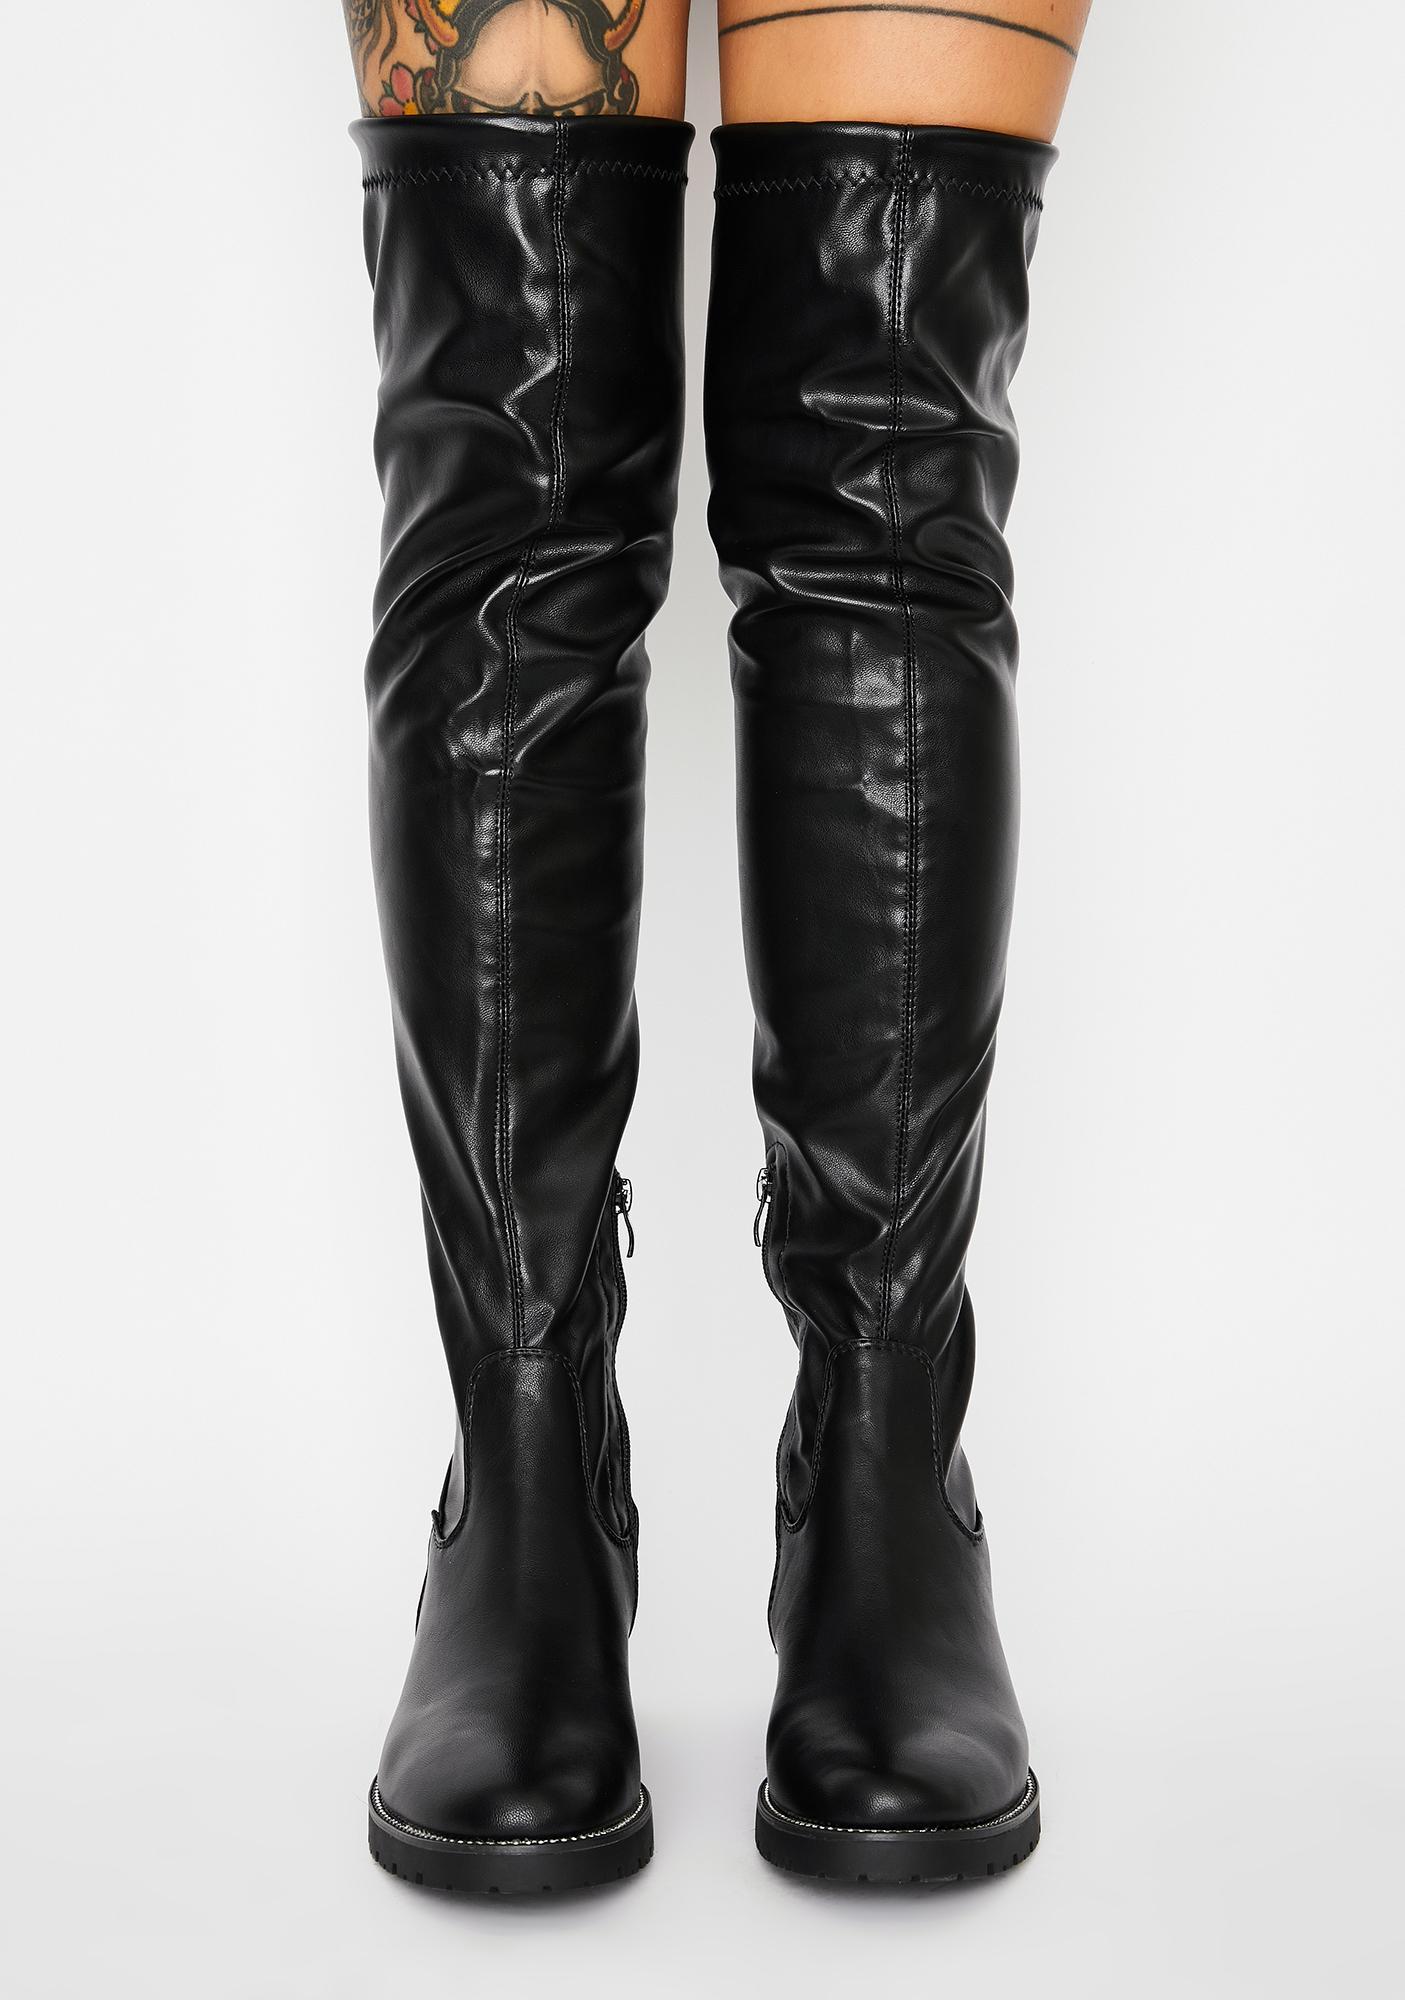 AZALEA WANG Uptown Thigh High Boots